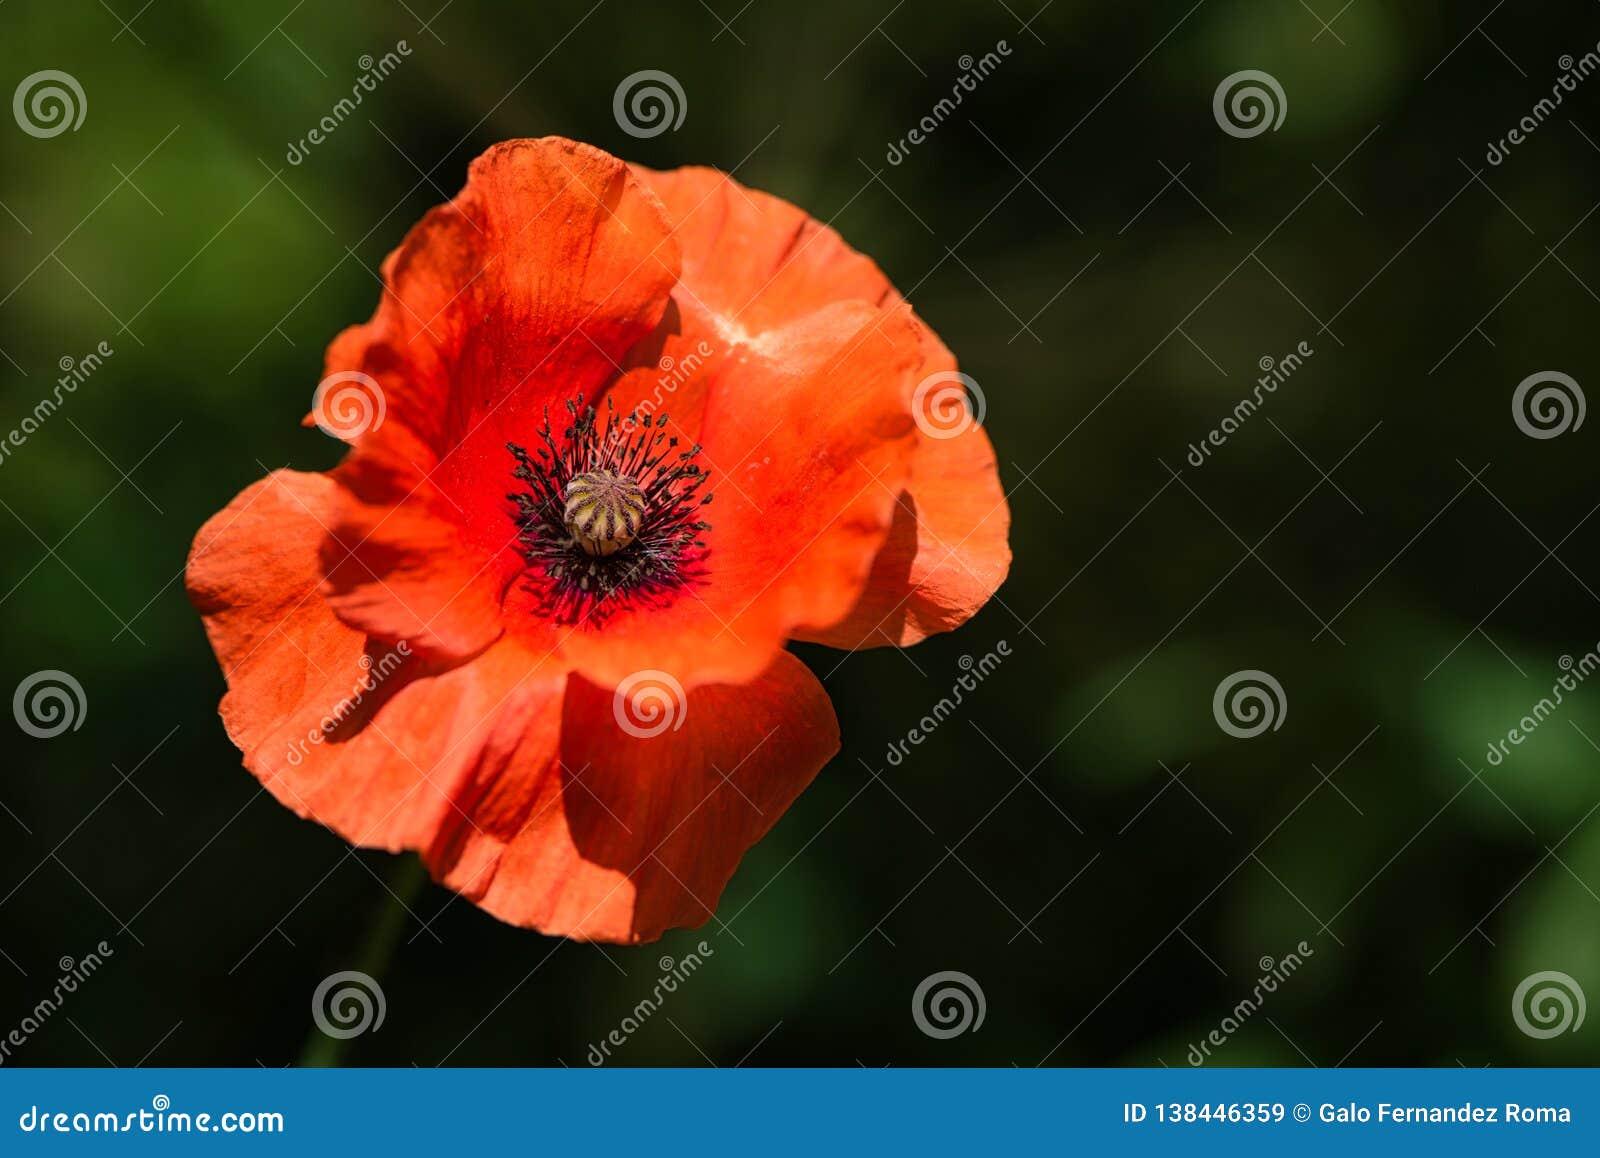 Wildflower Orange Poppy Flower in the wind on a green spring meadow.